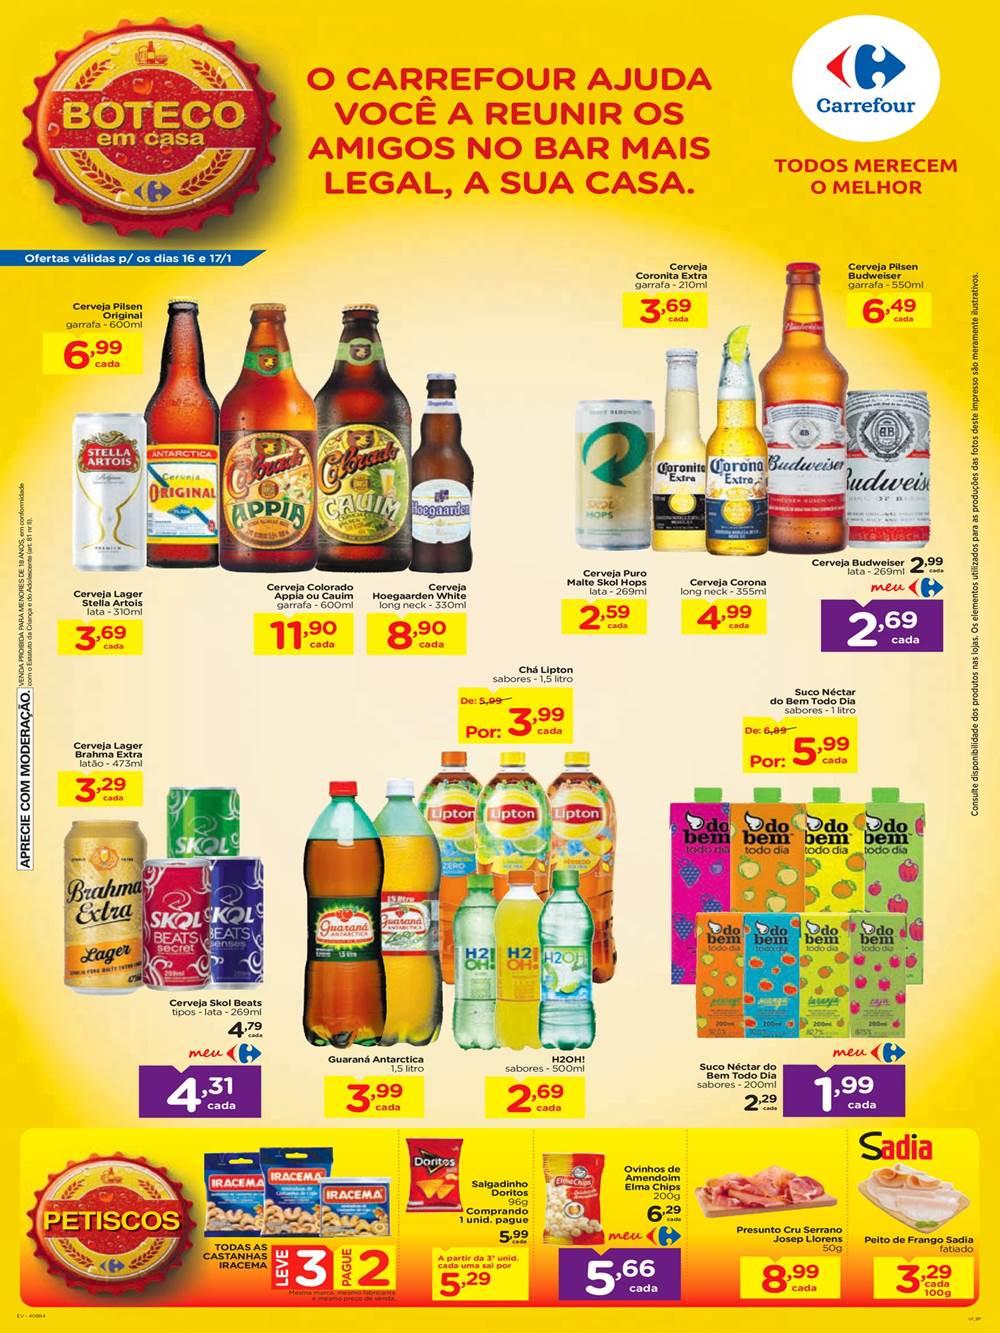 Ofertas-Carrefour1-5 Carrefour para 18/01